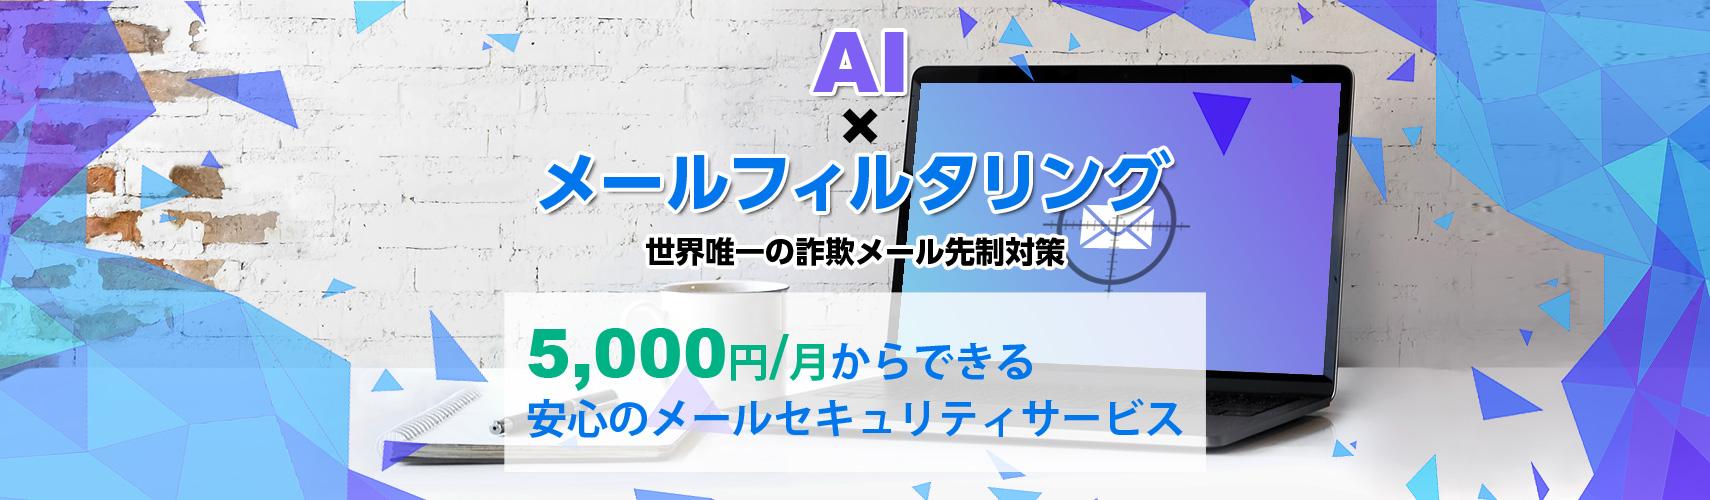 AI ☓ メールフィルタリング 世界唯一の詐欺メール先制対策 5,000円/月からできる 安心のメールセキュリティサービス